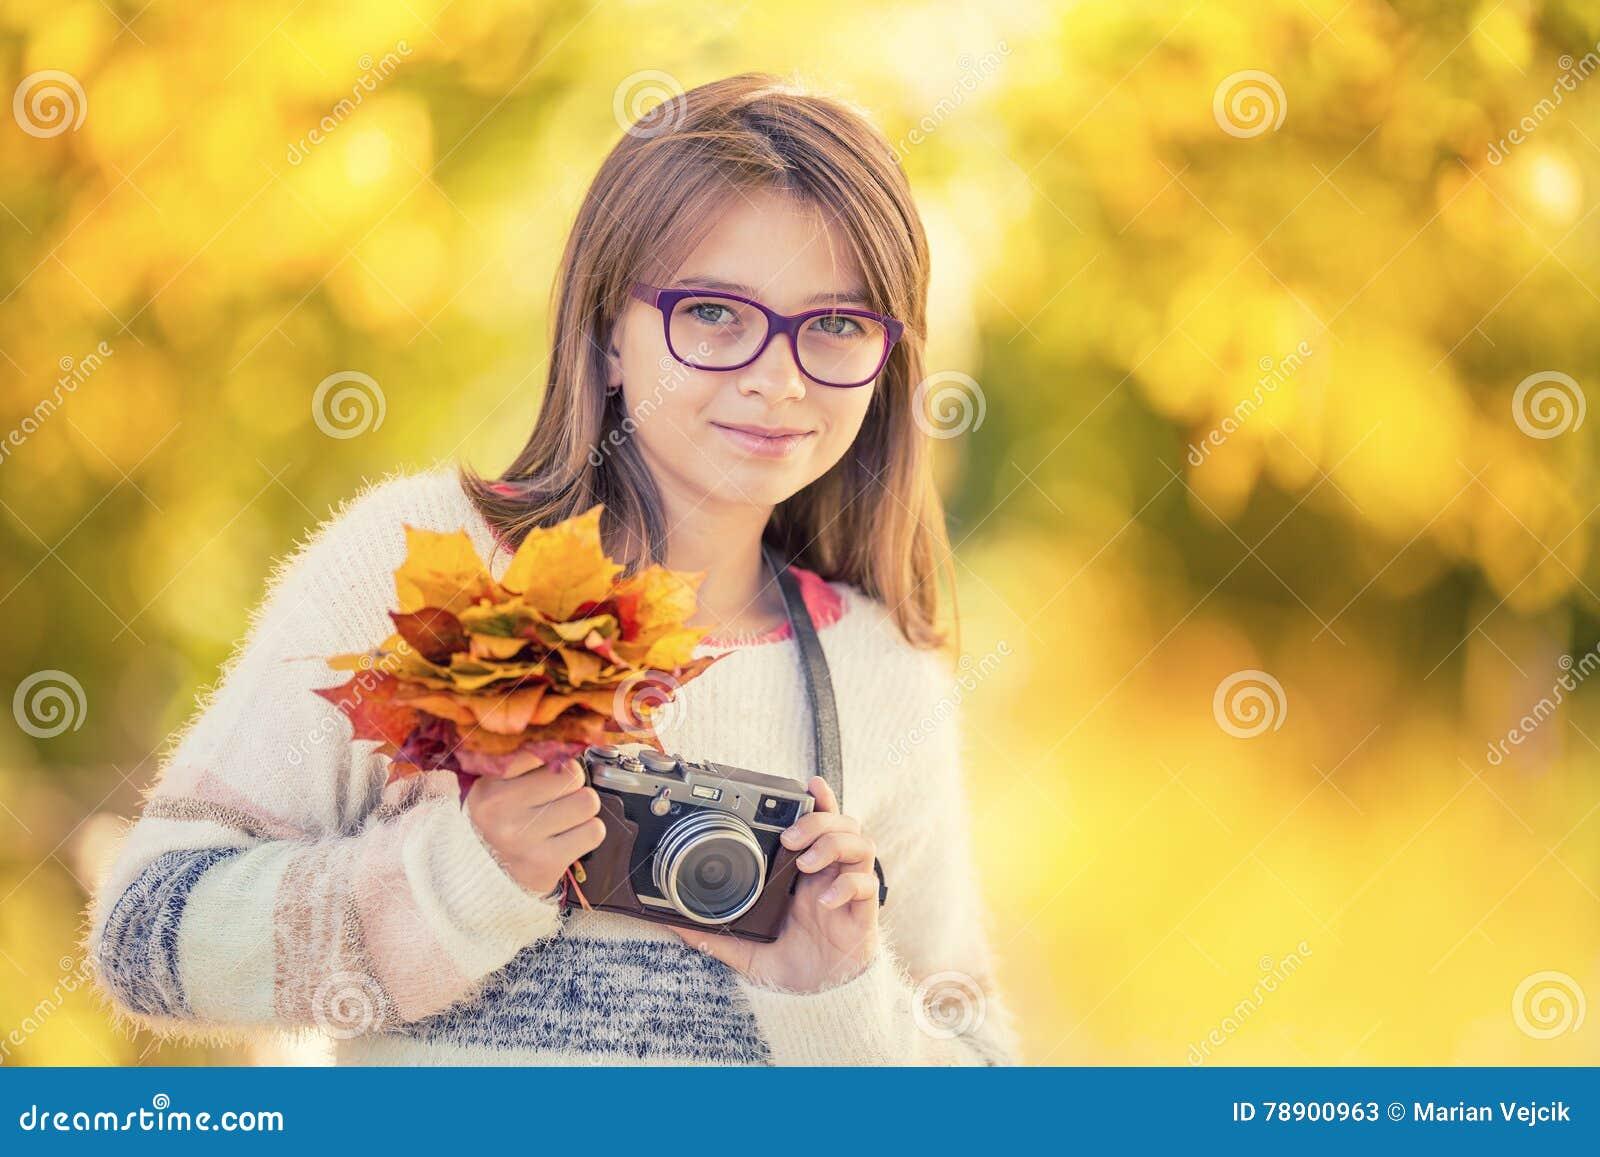 Autumn Time La ragazza sveglia attraente adolescente con il mazzo di autunno e la retro macchina fotografica Stagione di autunno